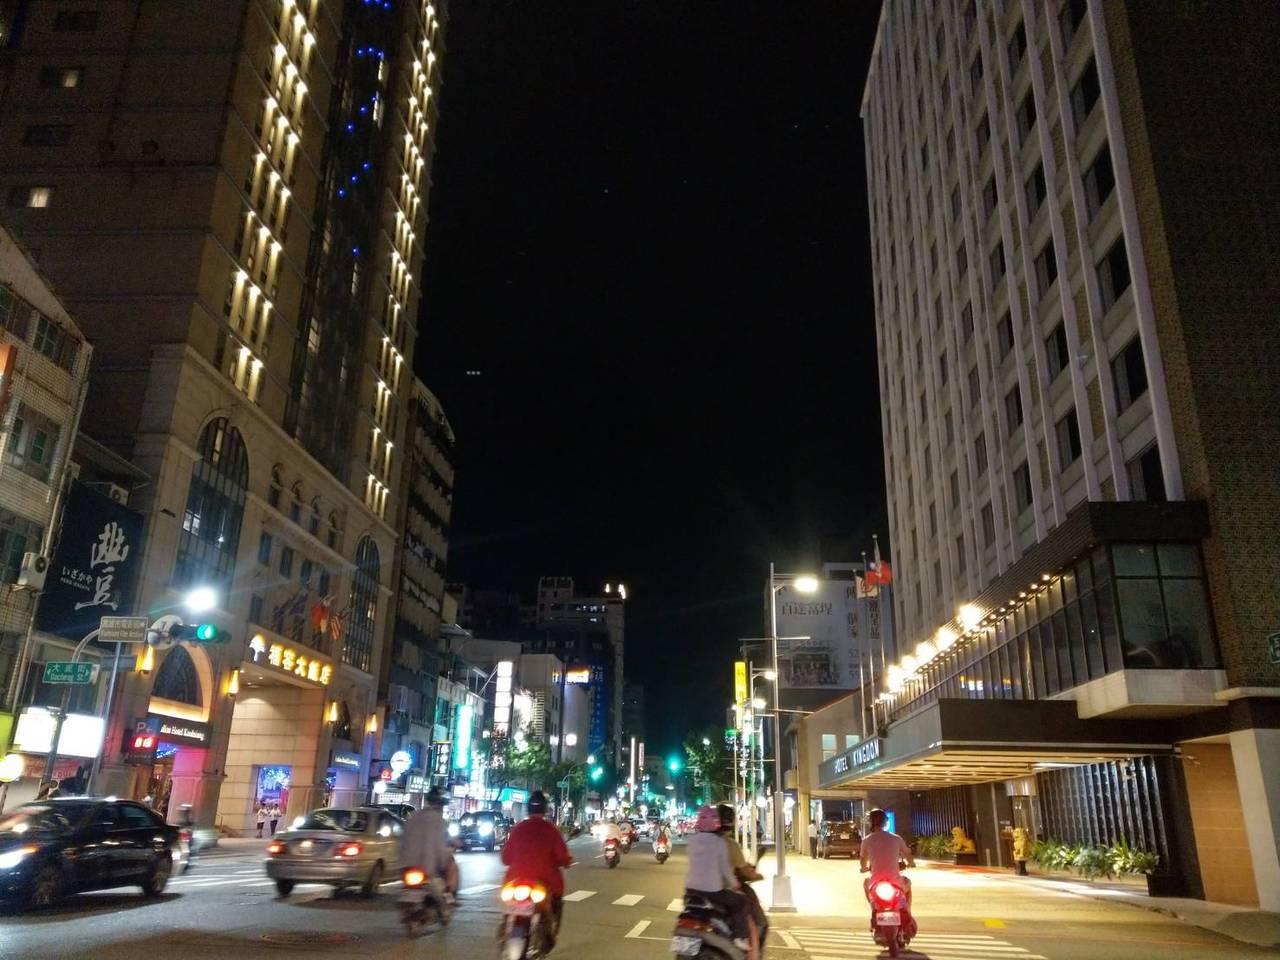 高雄華王飯店(右)和高雄福容飯店(左)幾乎相對立。記者謝梅芬/攝影